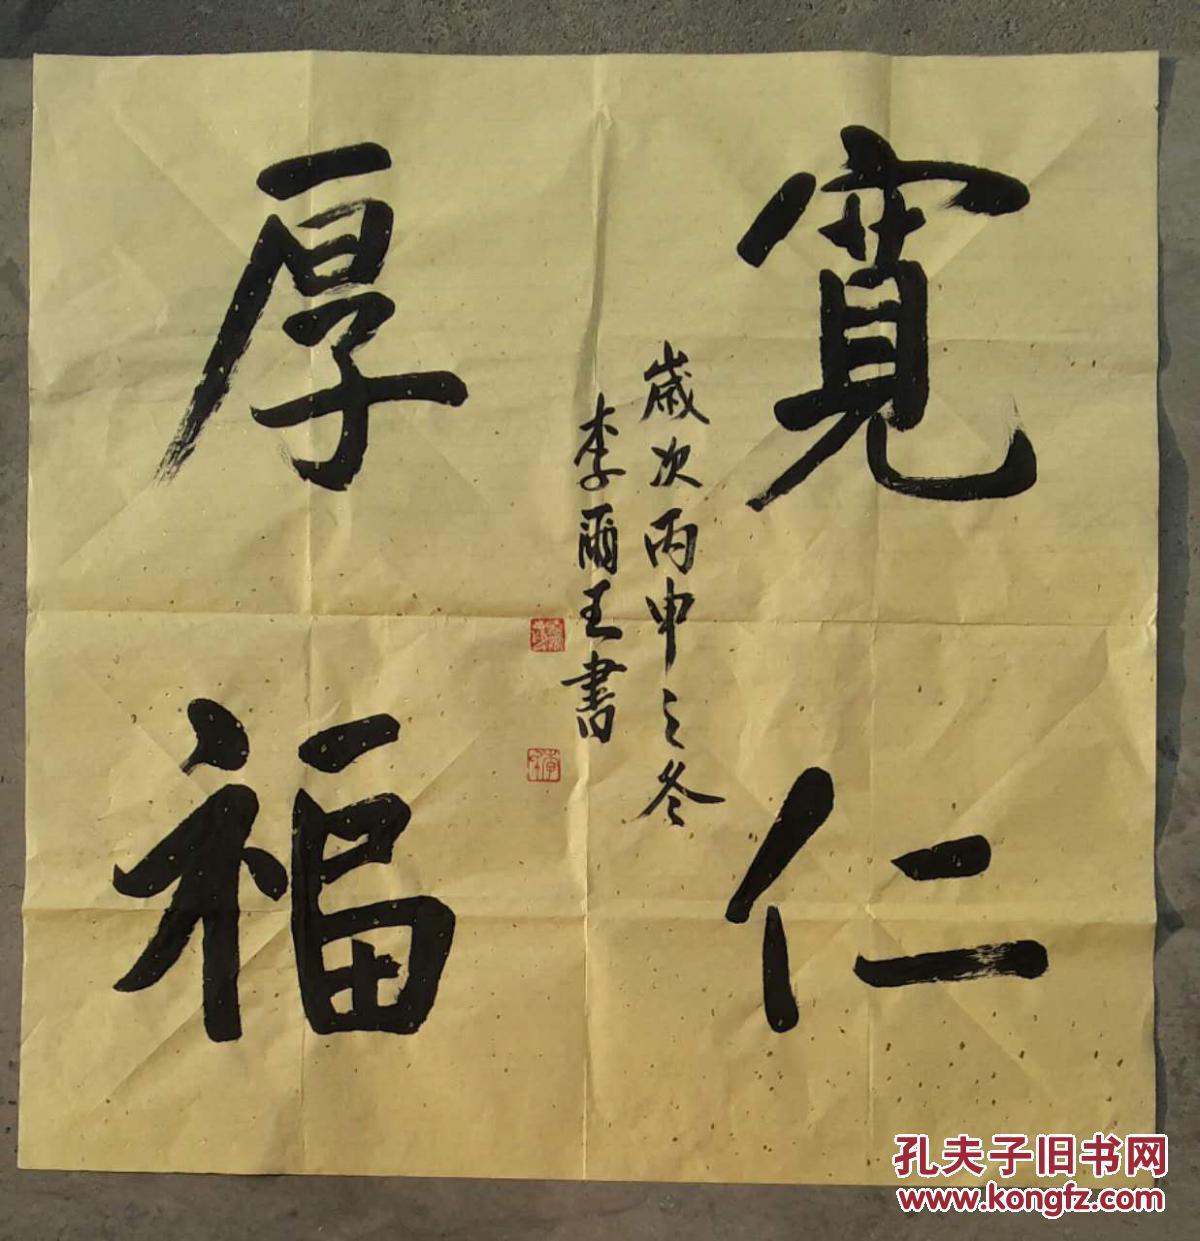 精品书法 斗方 【宽仁厚福】图片